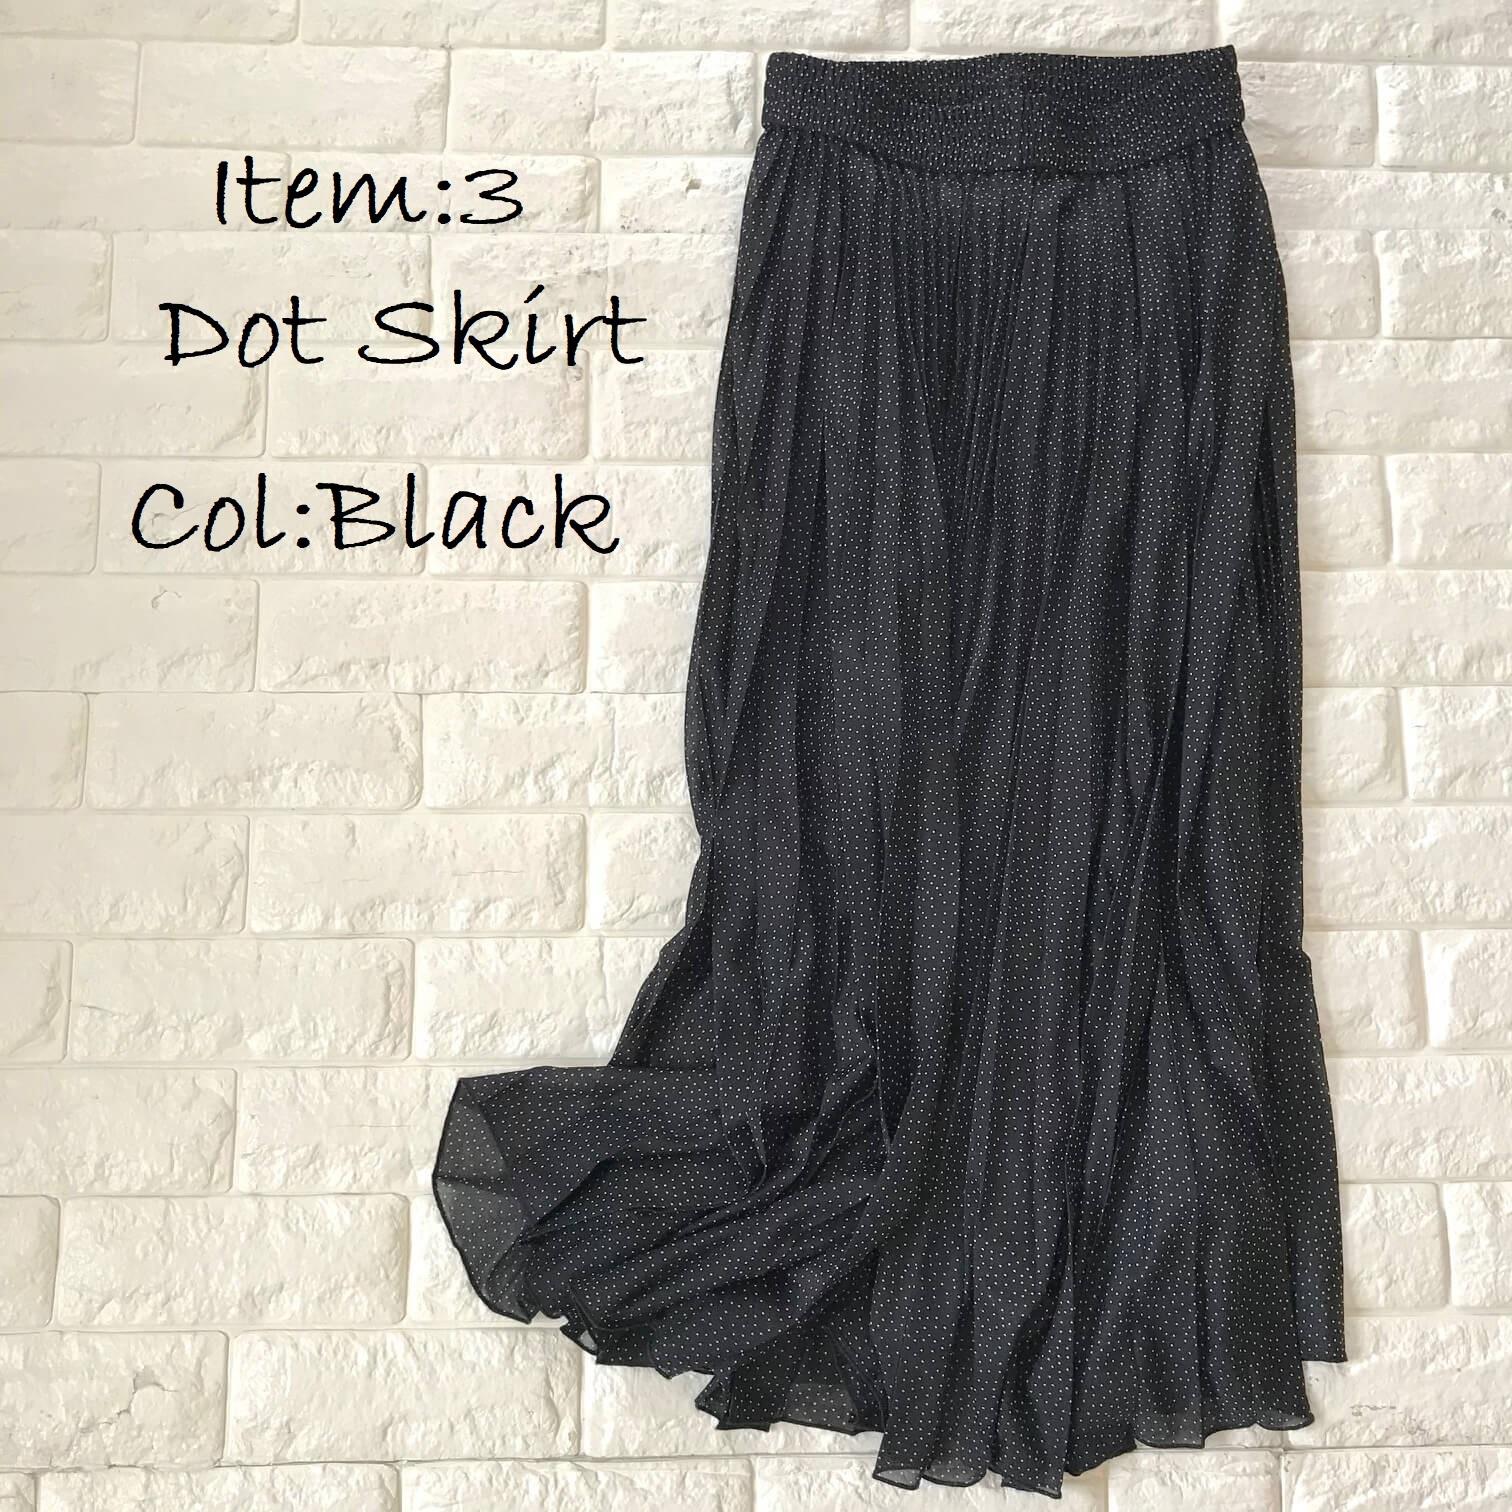 福袋のドットスカート画像